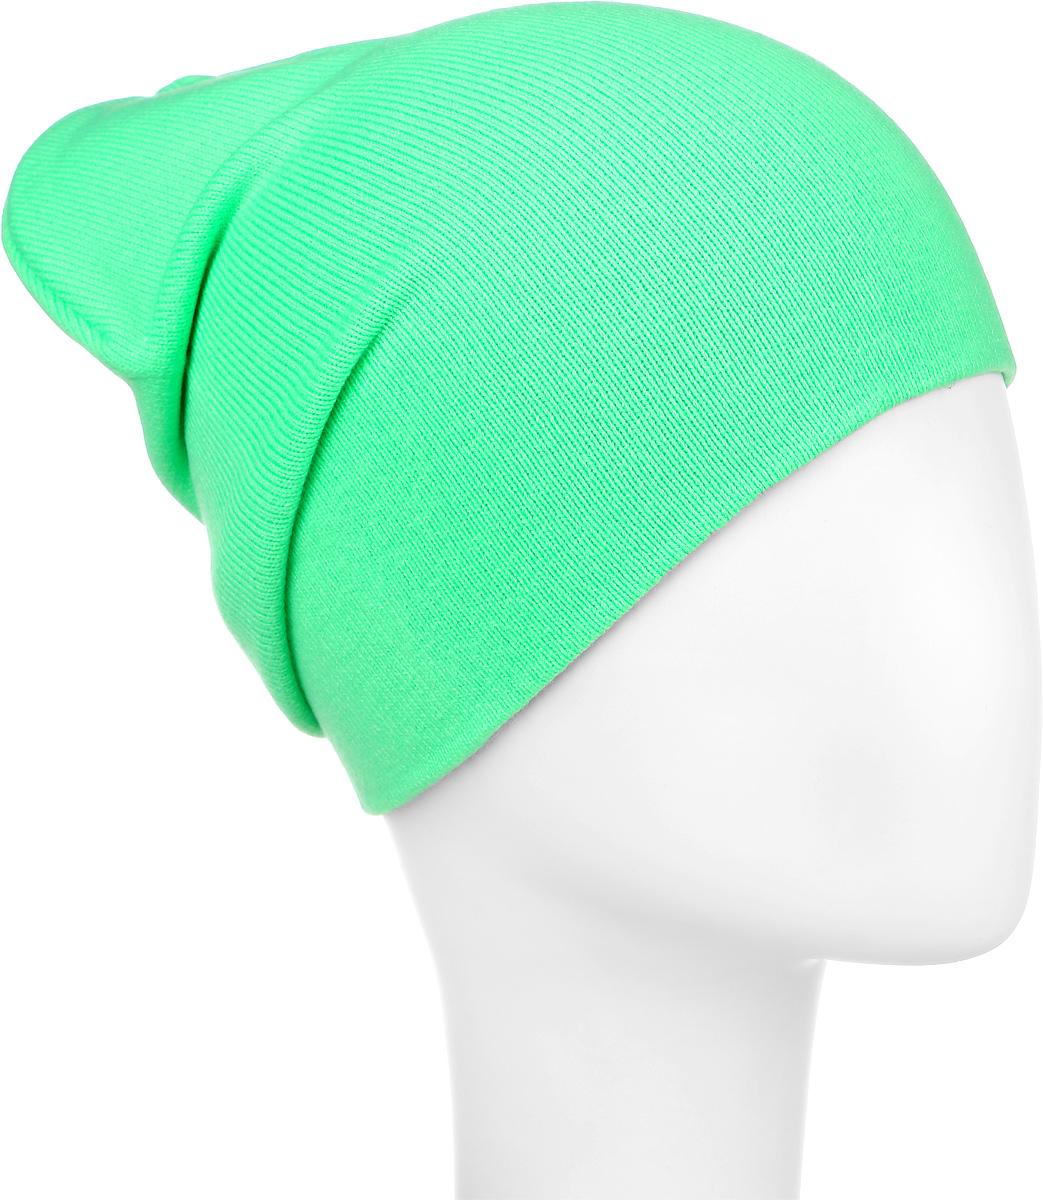 RFH5713_013Шапка для девочки Elfrio отлично подойдет для прогулок в прохладное время года. Изделие, изготовленное из акрила и эластана, максимально сохраняет тепло. Шапка плотно прилегает к голове ребенка, мягкая и приятная на ощупь. Удлиненная модель шапки идеально подходит для любого типа лица. Изделие дополнено небольшой жаккардовой нашивкой с названием бренда. Двухслойную шапку можно носить как с отворотом, так и без. Такая модель будет актуальна как на спортивных мероприятиях, так и в повседневной жизни. Современный дизайн и расцветка делают эту шапку модным и стильным предметом детского гардероба. В ней ребенку будет тепло, уютно и комфортно. Уважаемые клиенты! Размер, доступный для заказа, является обхватом головы.